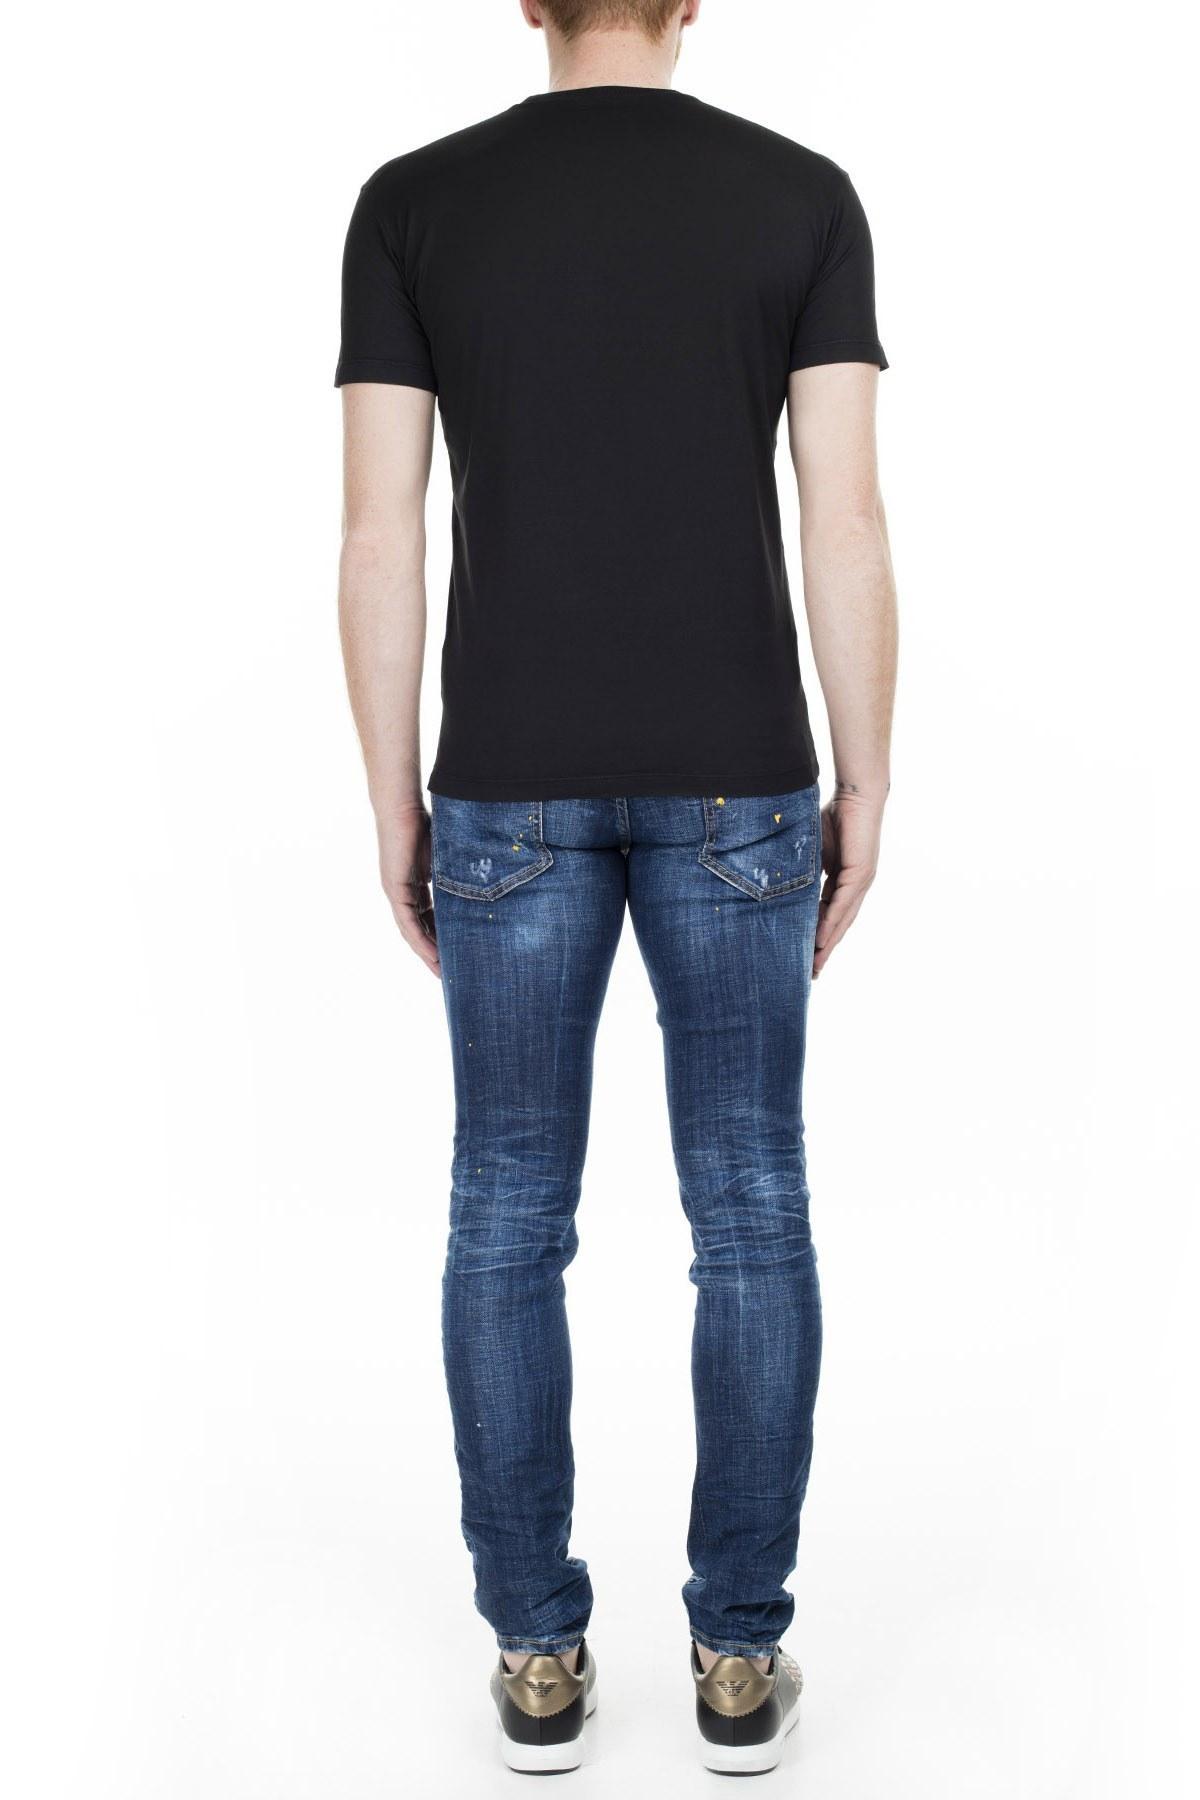 Dsquared2 Jeans Erkek Kot Pantolon S71LB0727 S30342 470 LACİVERT